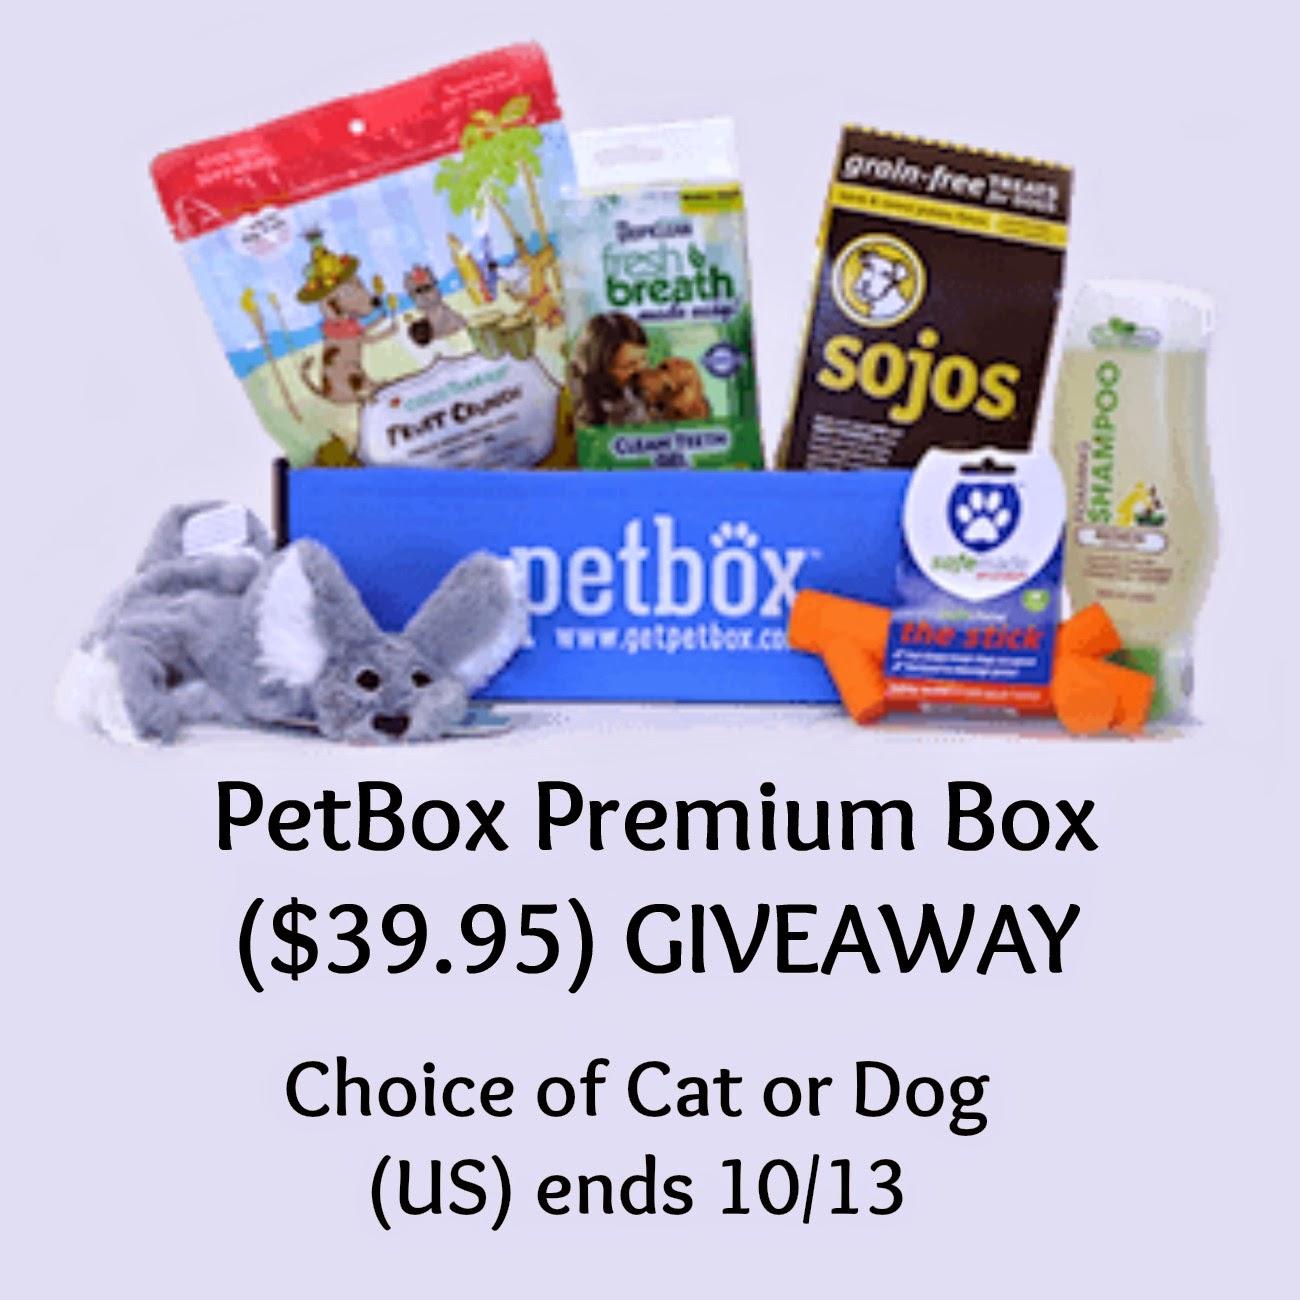 PETBOX PREMIUM BOX